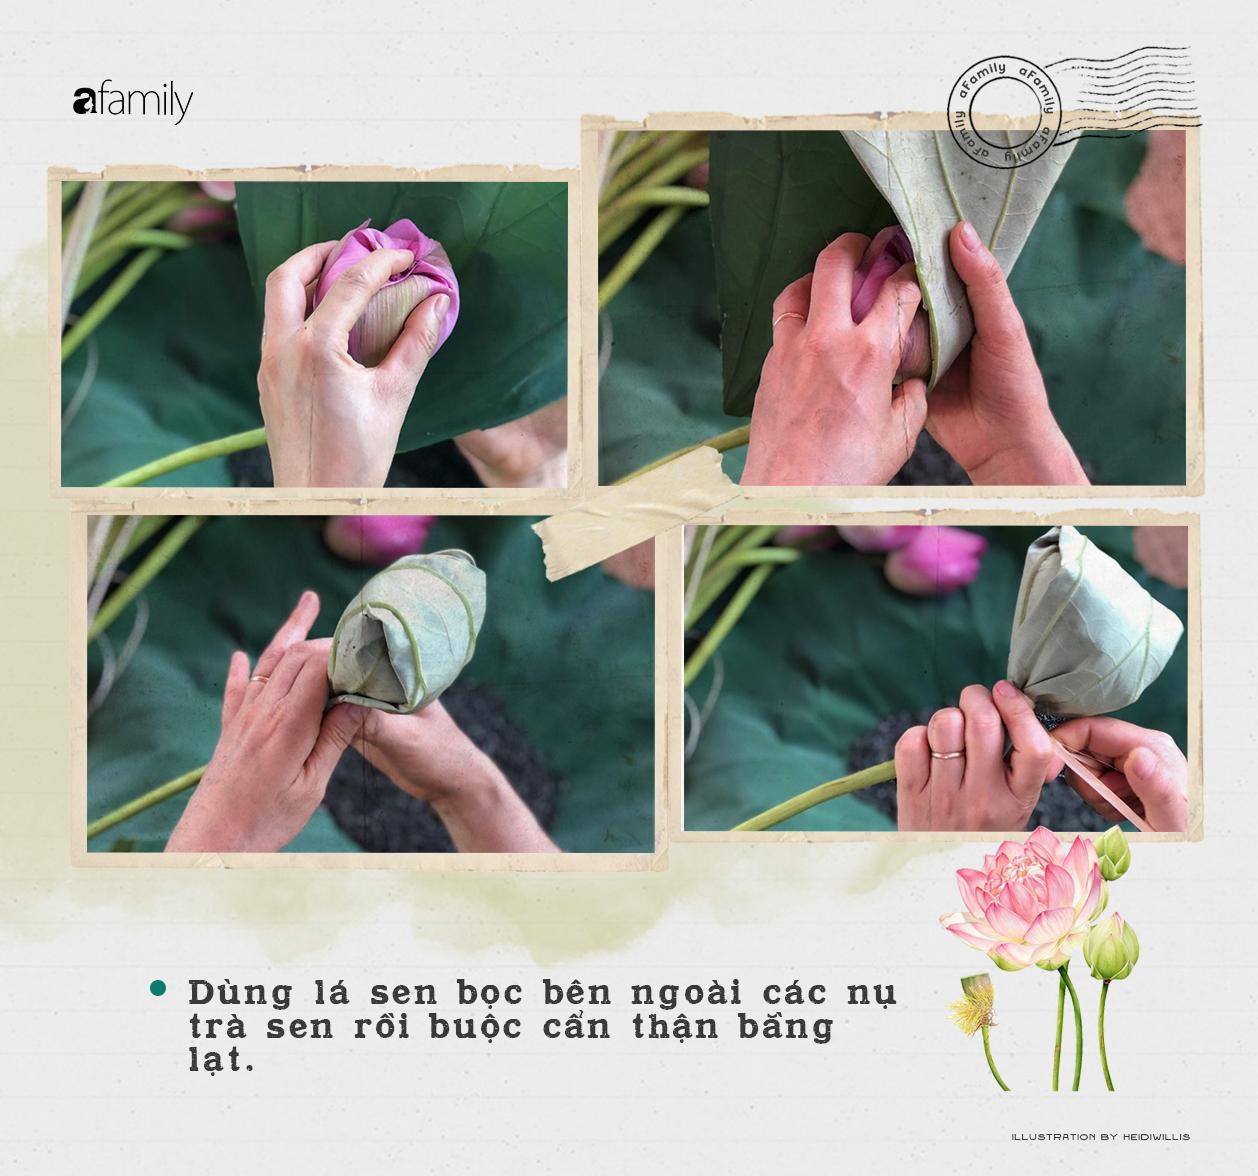 Cô gái Hà Nội hướng dẫn cách ướp trà sen thơm ngát chuẩn ngon đến người lười cũng làm theo được - Ảnh 7